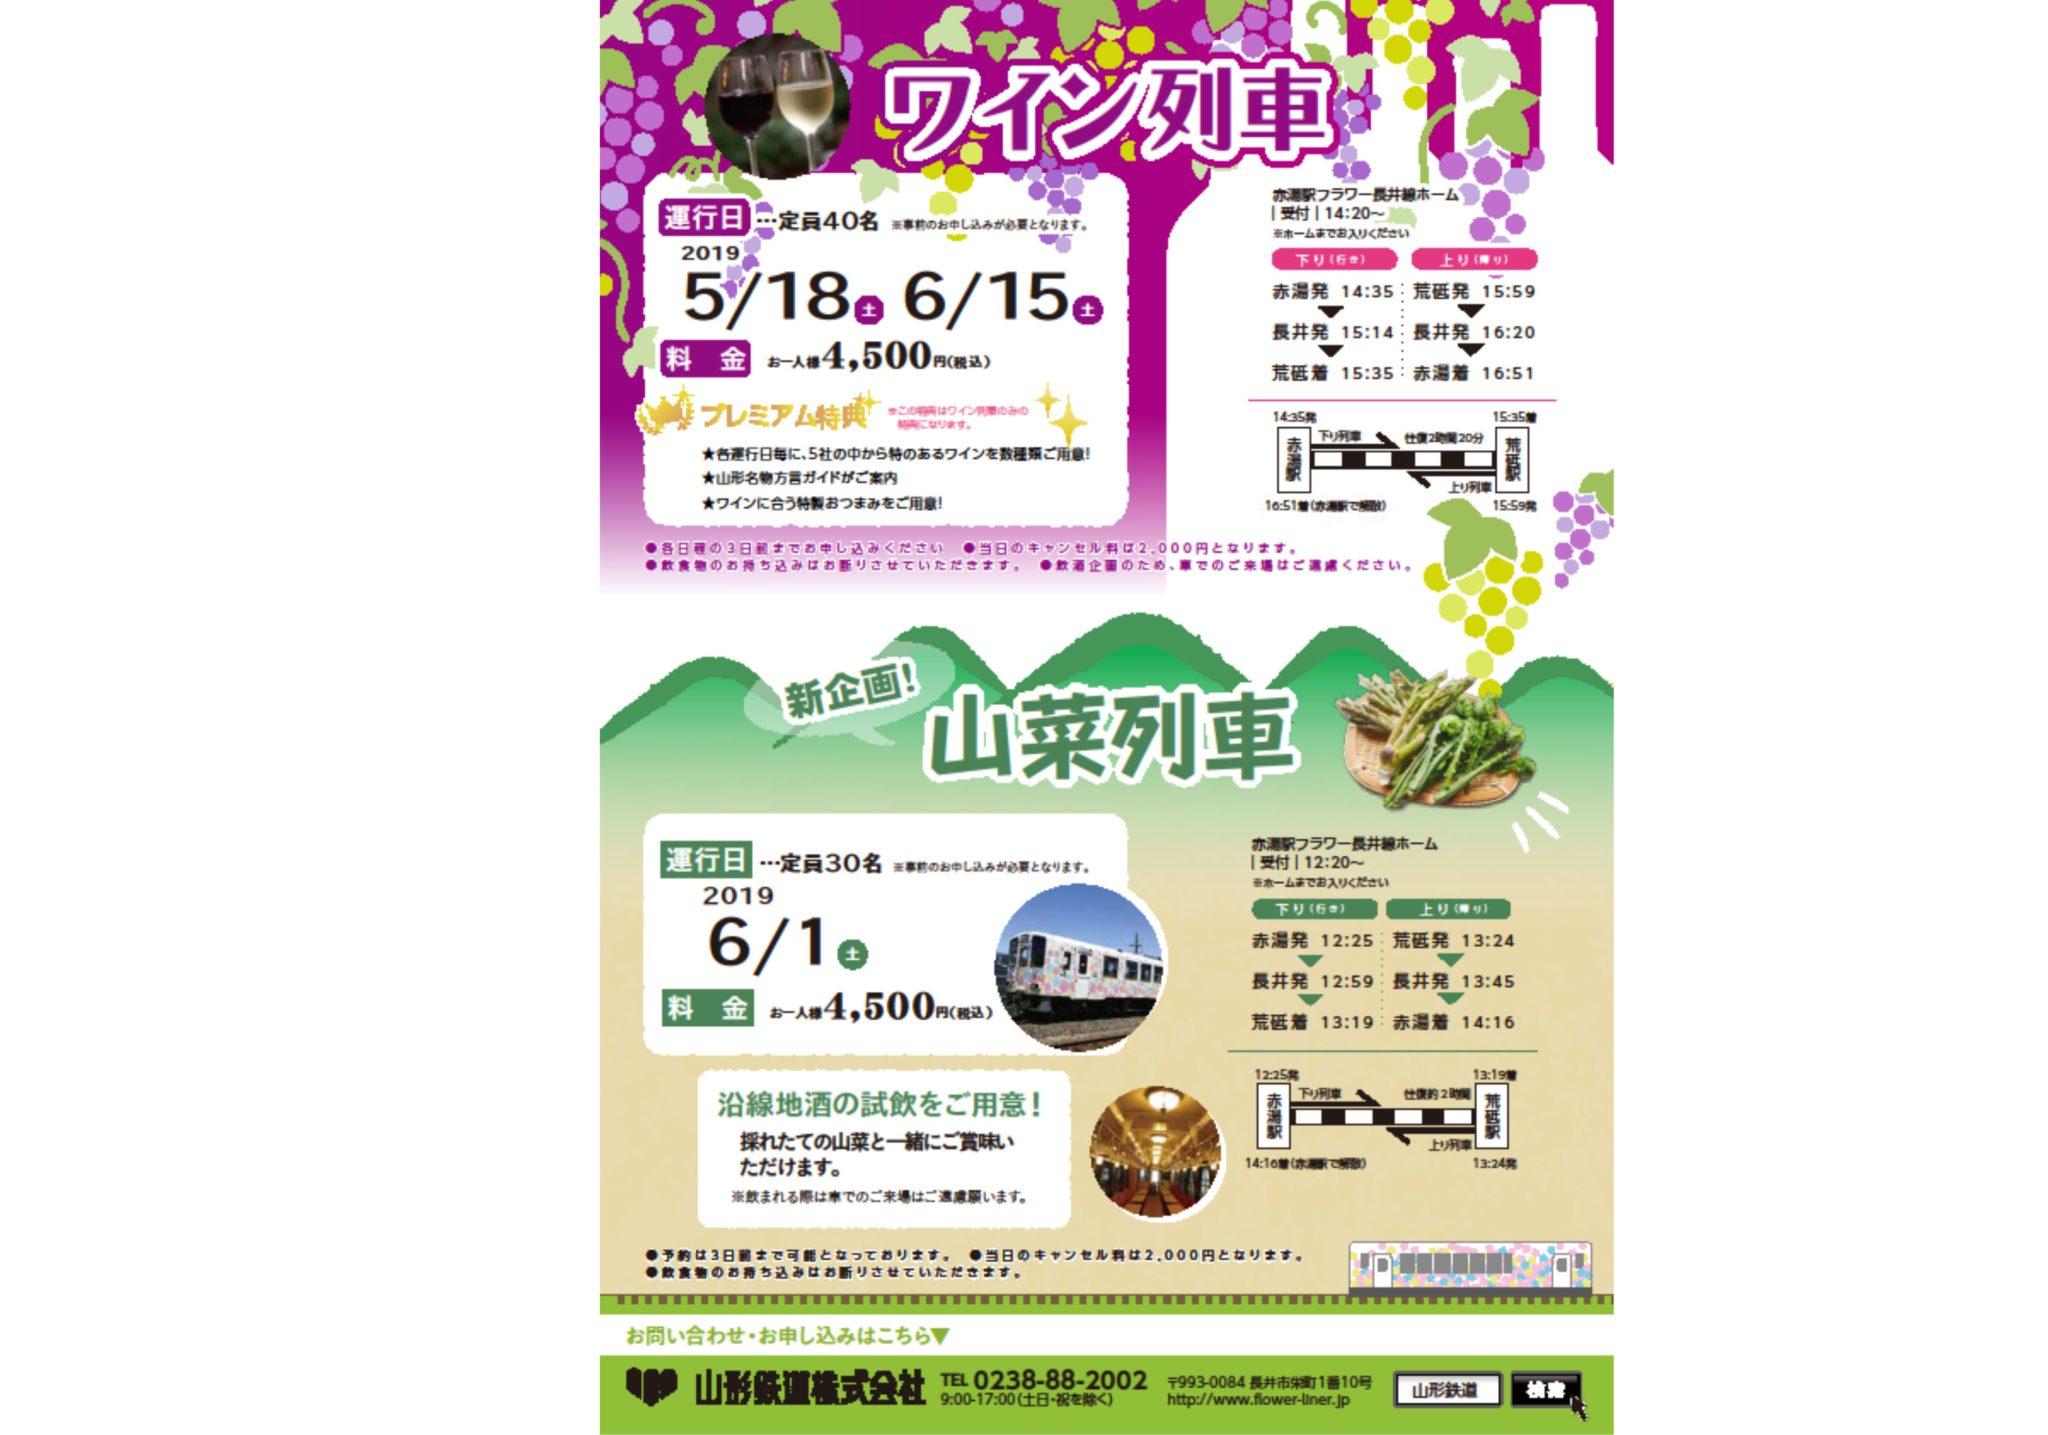 ワイン列車 フラワー長井線